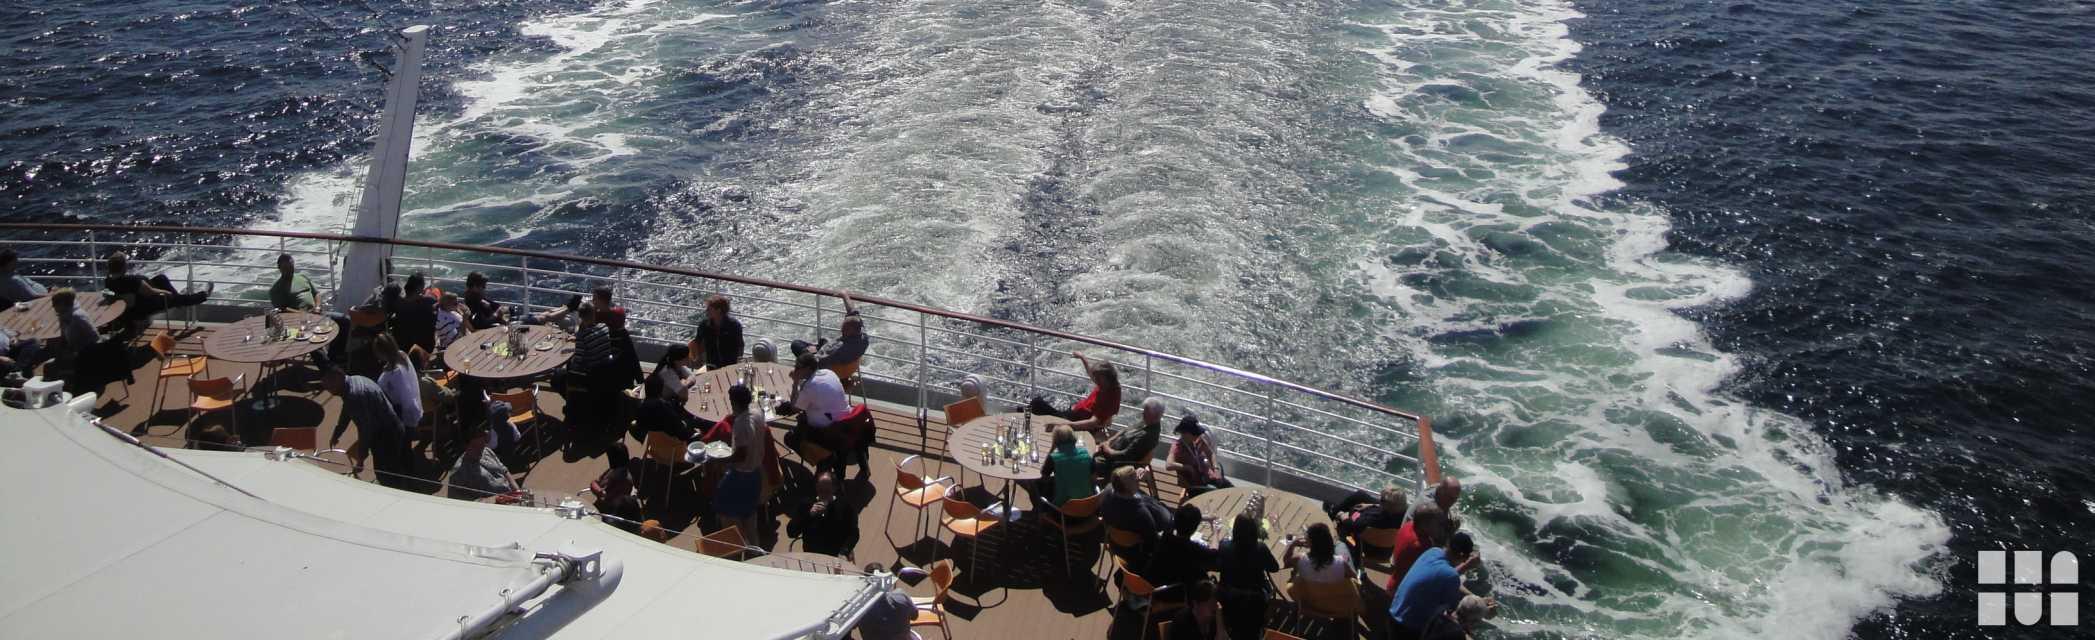 Zypern zum kennenlernen tui